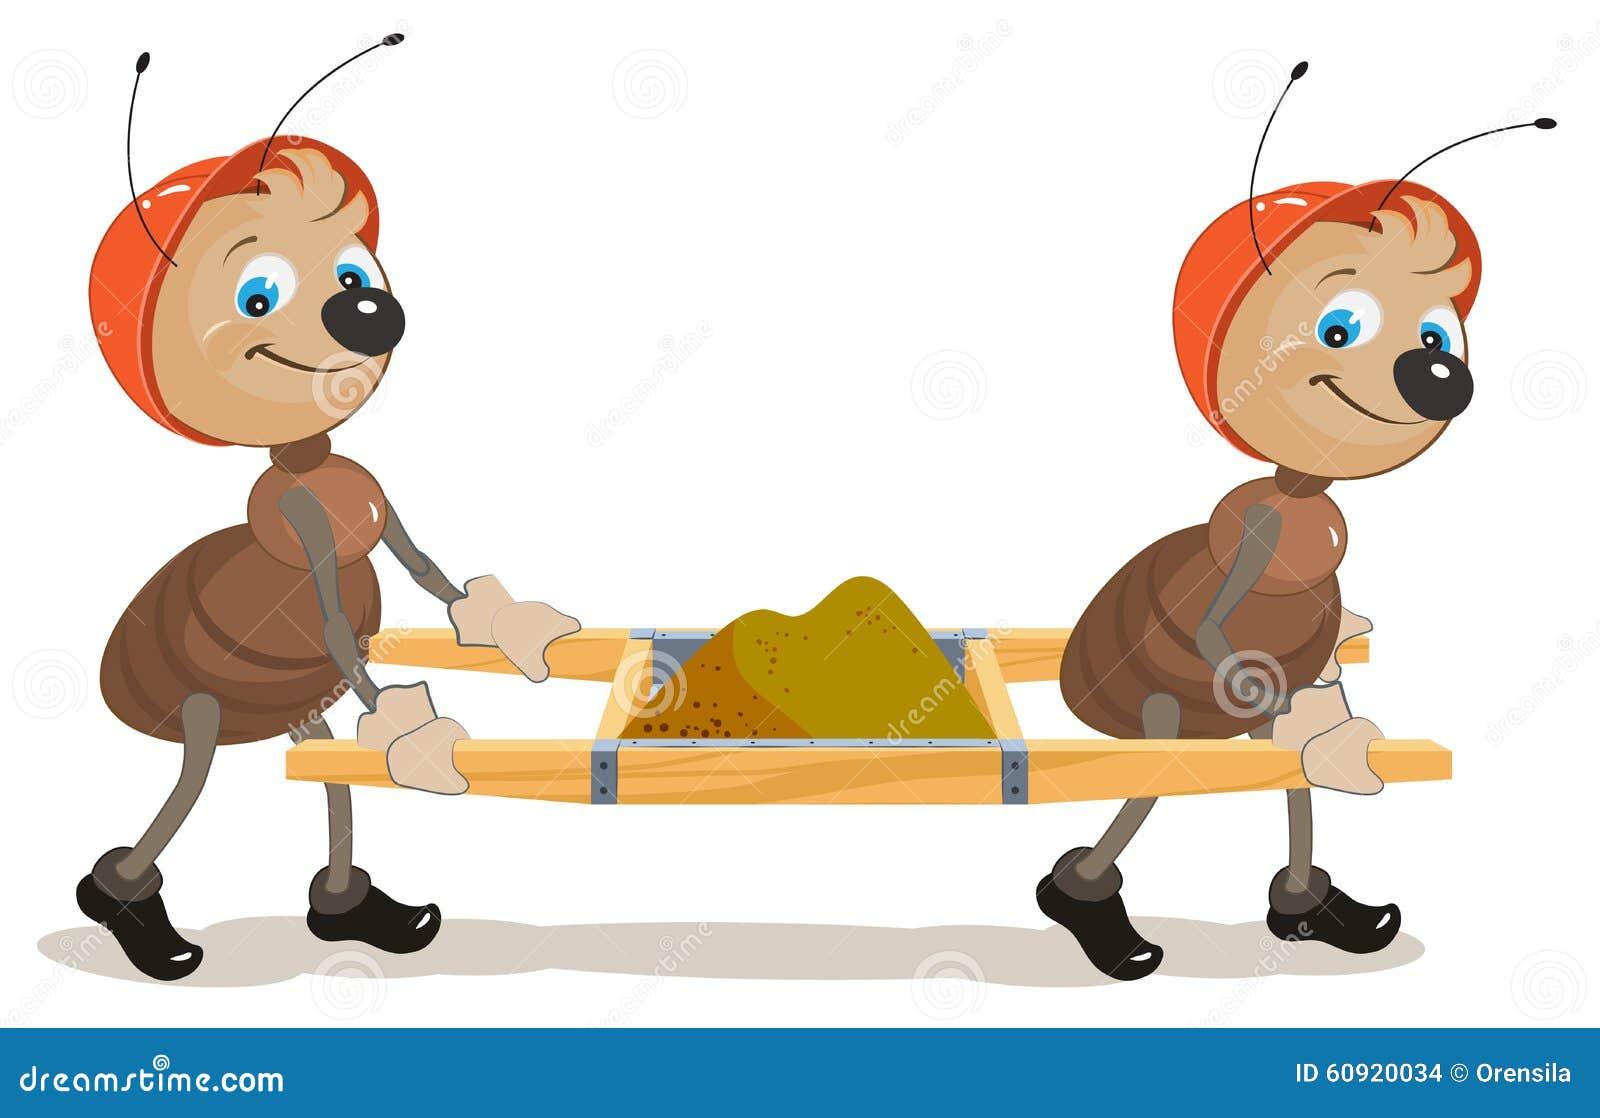 蚂蚁建造者 两只蚂蚁是与沙子的担架 例证以传染媒介格式.图片